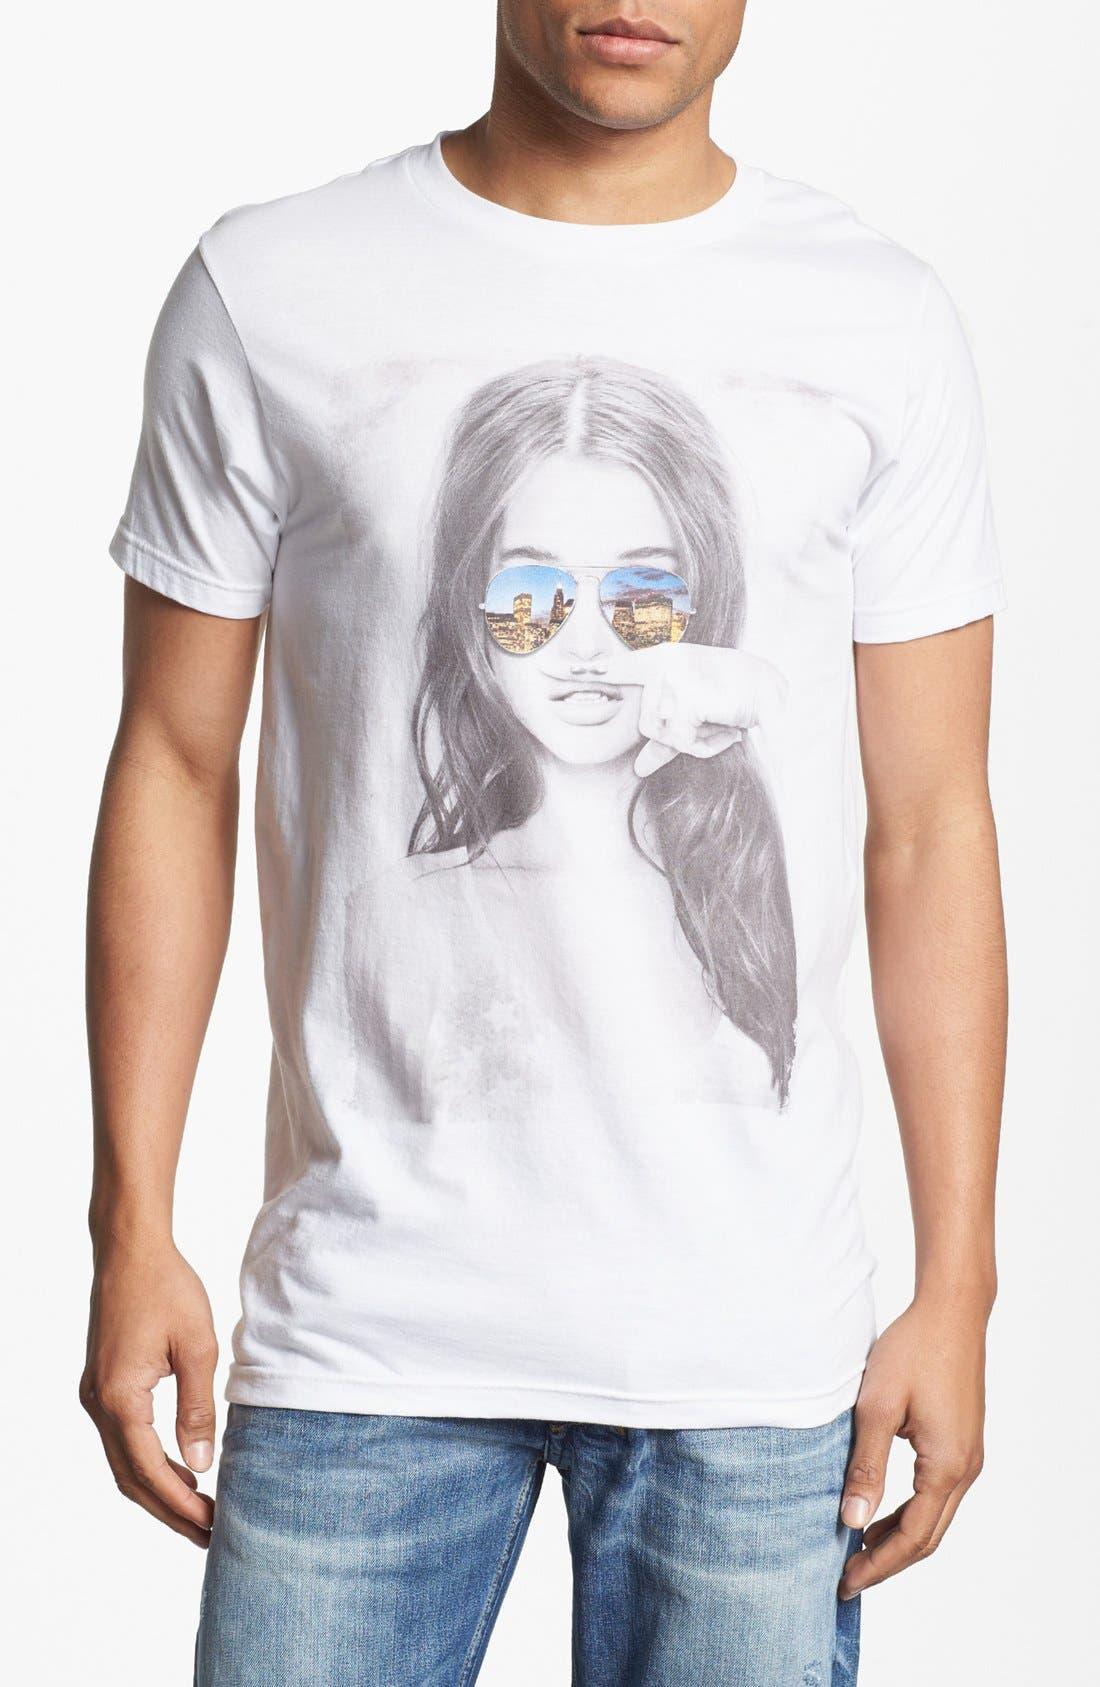 Main Image - Bowery Supply 'Mustache Girl' Graphic T-Shirt